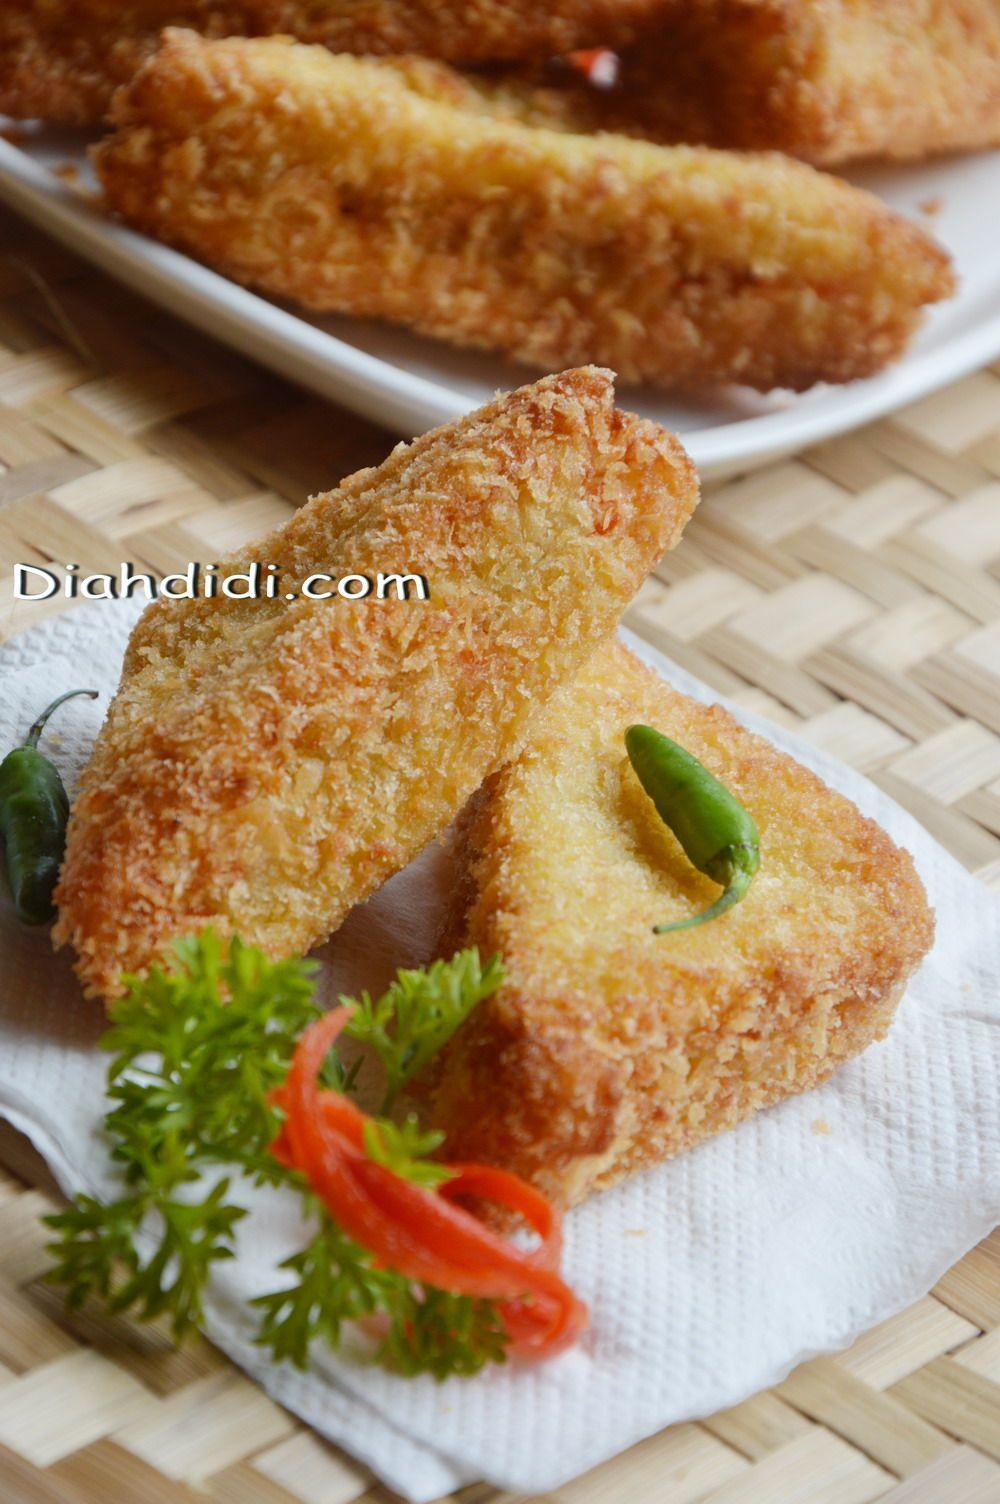 Diah Didi S Kitchen Memanfaatkan Stock Roti Tawar Menjadi Snack Enak Roti Goreng Isi Ragout Resep Masakan Makanan Dan Minuman Ide Makanan